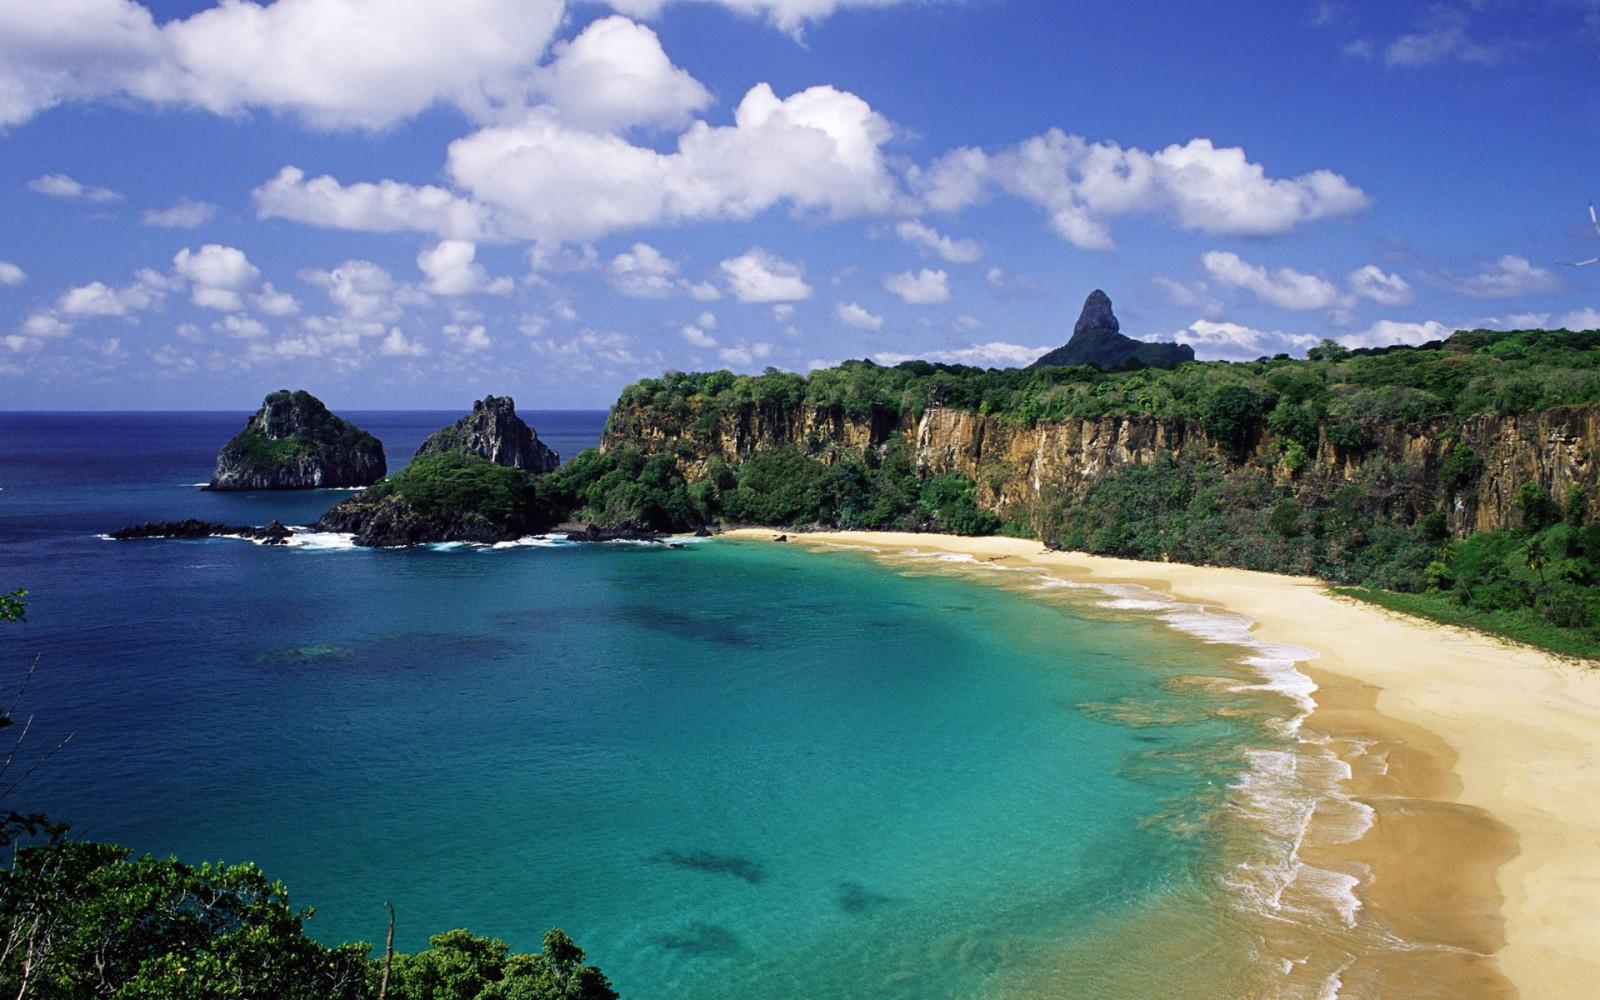 Playas de camboriu brasil fotos 49